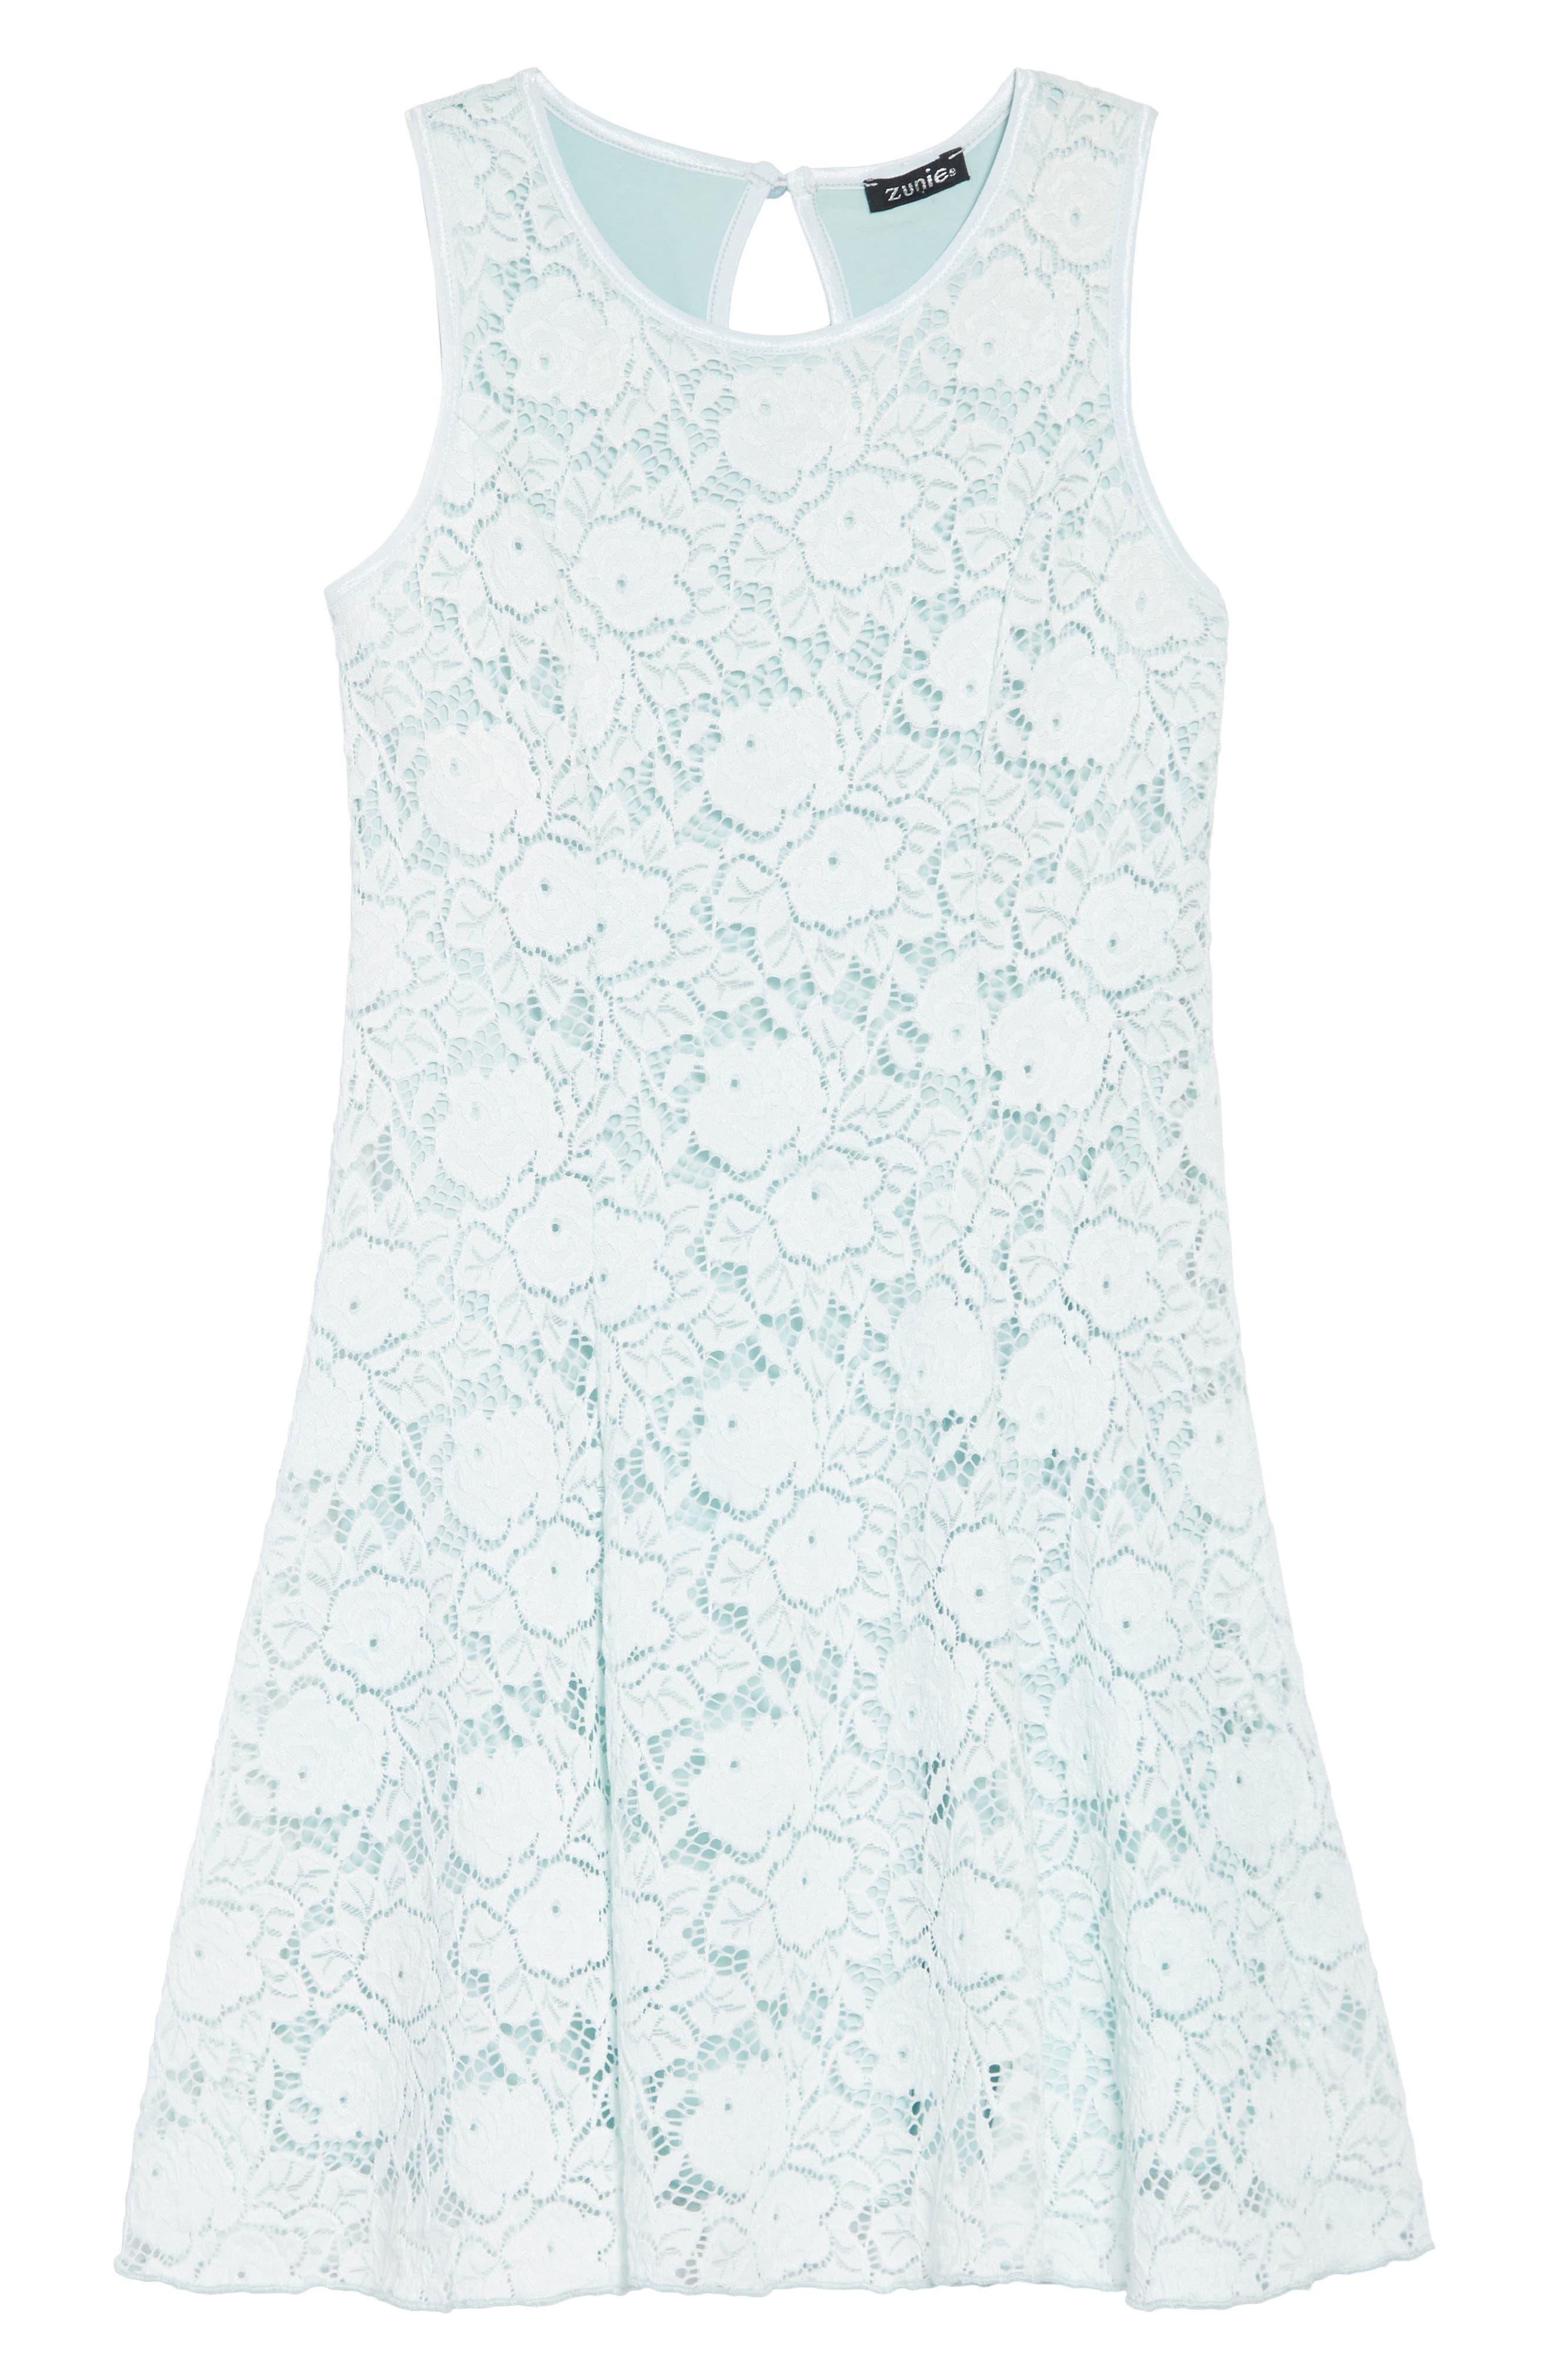 ZUNIE Lace Skater Dress, Main, color, MINT